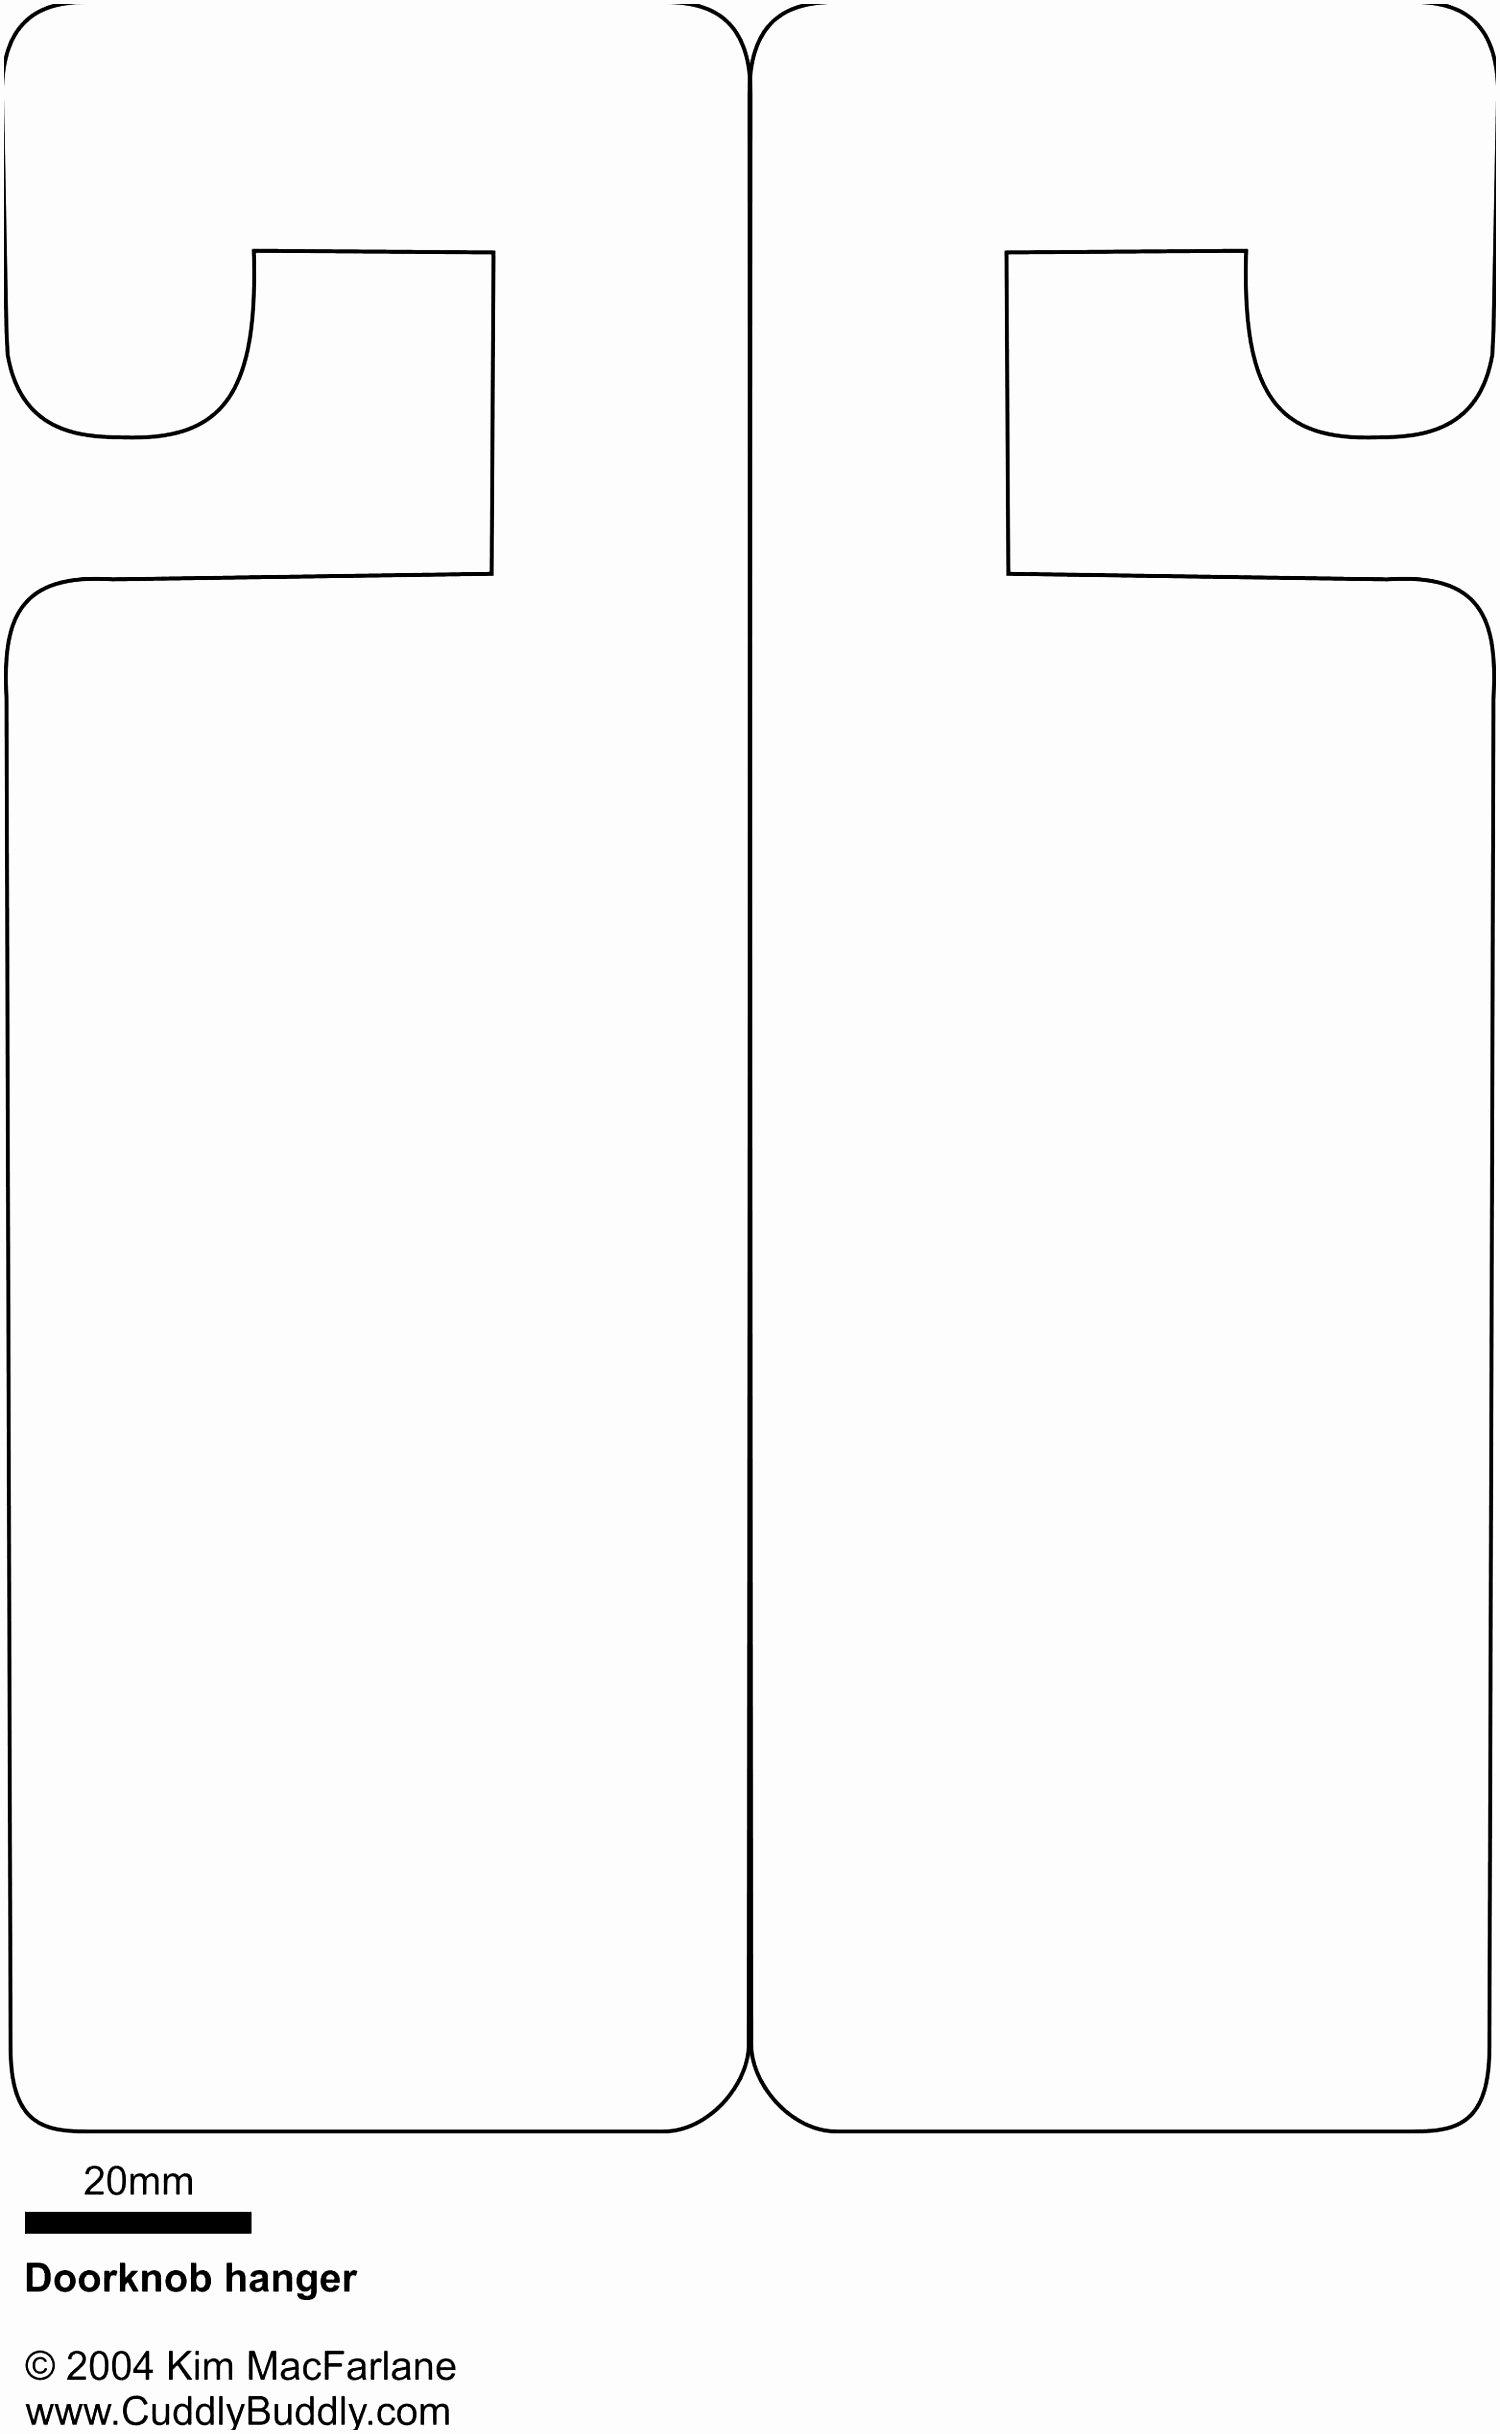 Free Printable Door Hanger Template Unique Door Hanger Template for Publisher Blank Free Download